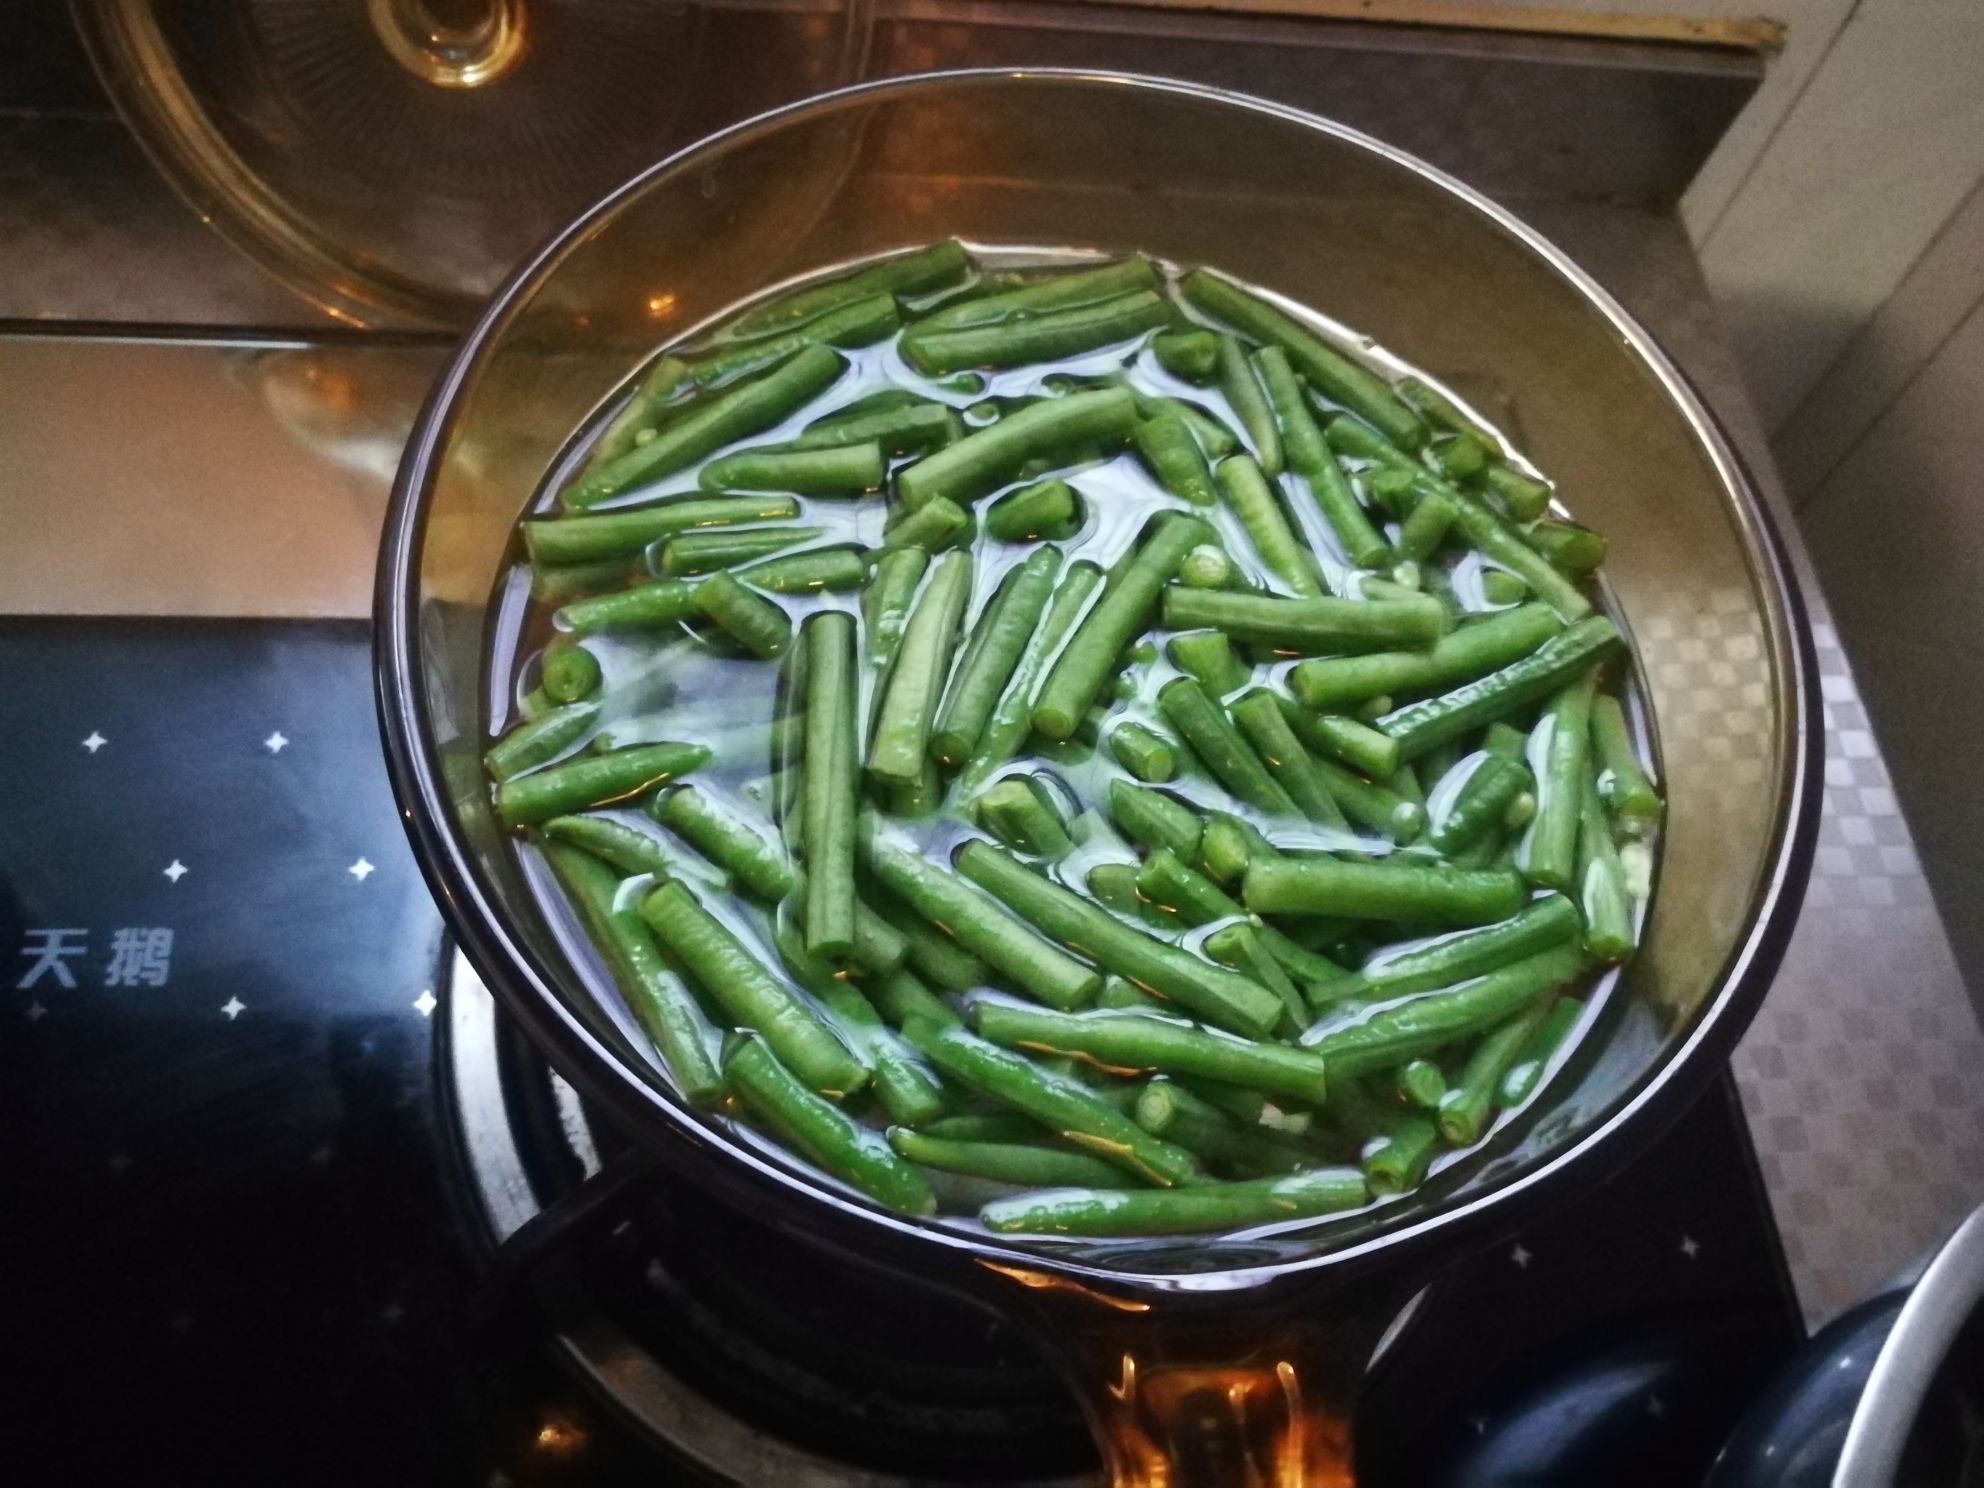 麻酱豇豆的做法图解